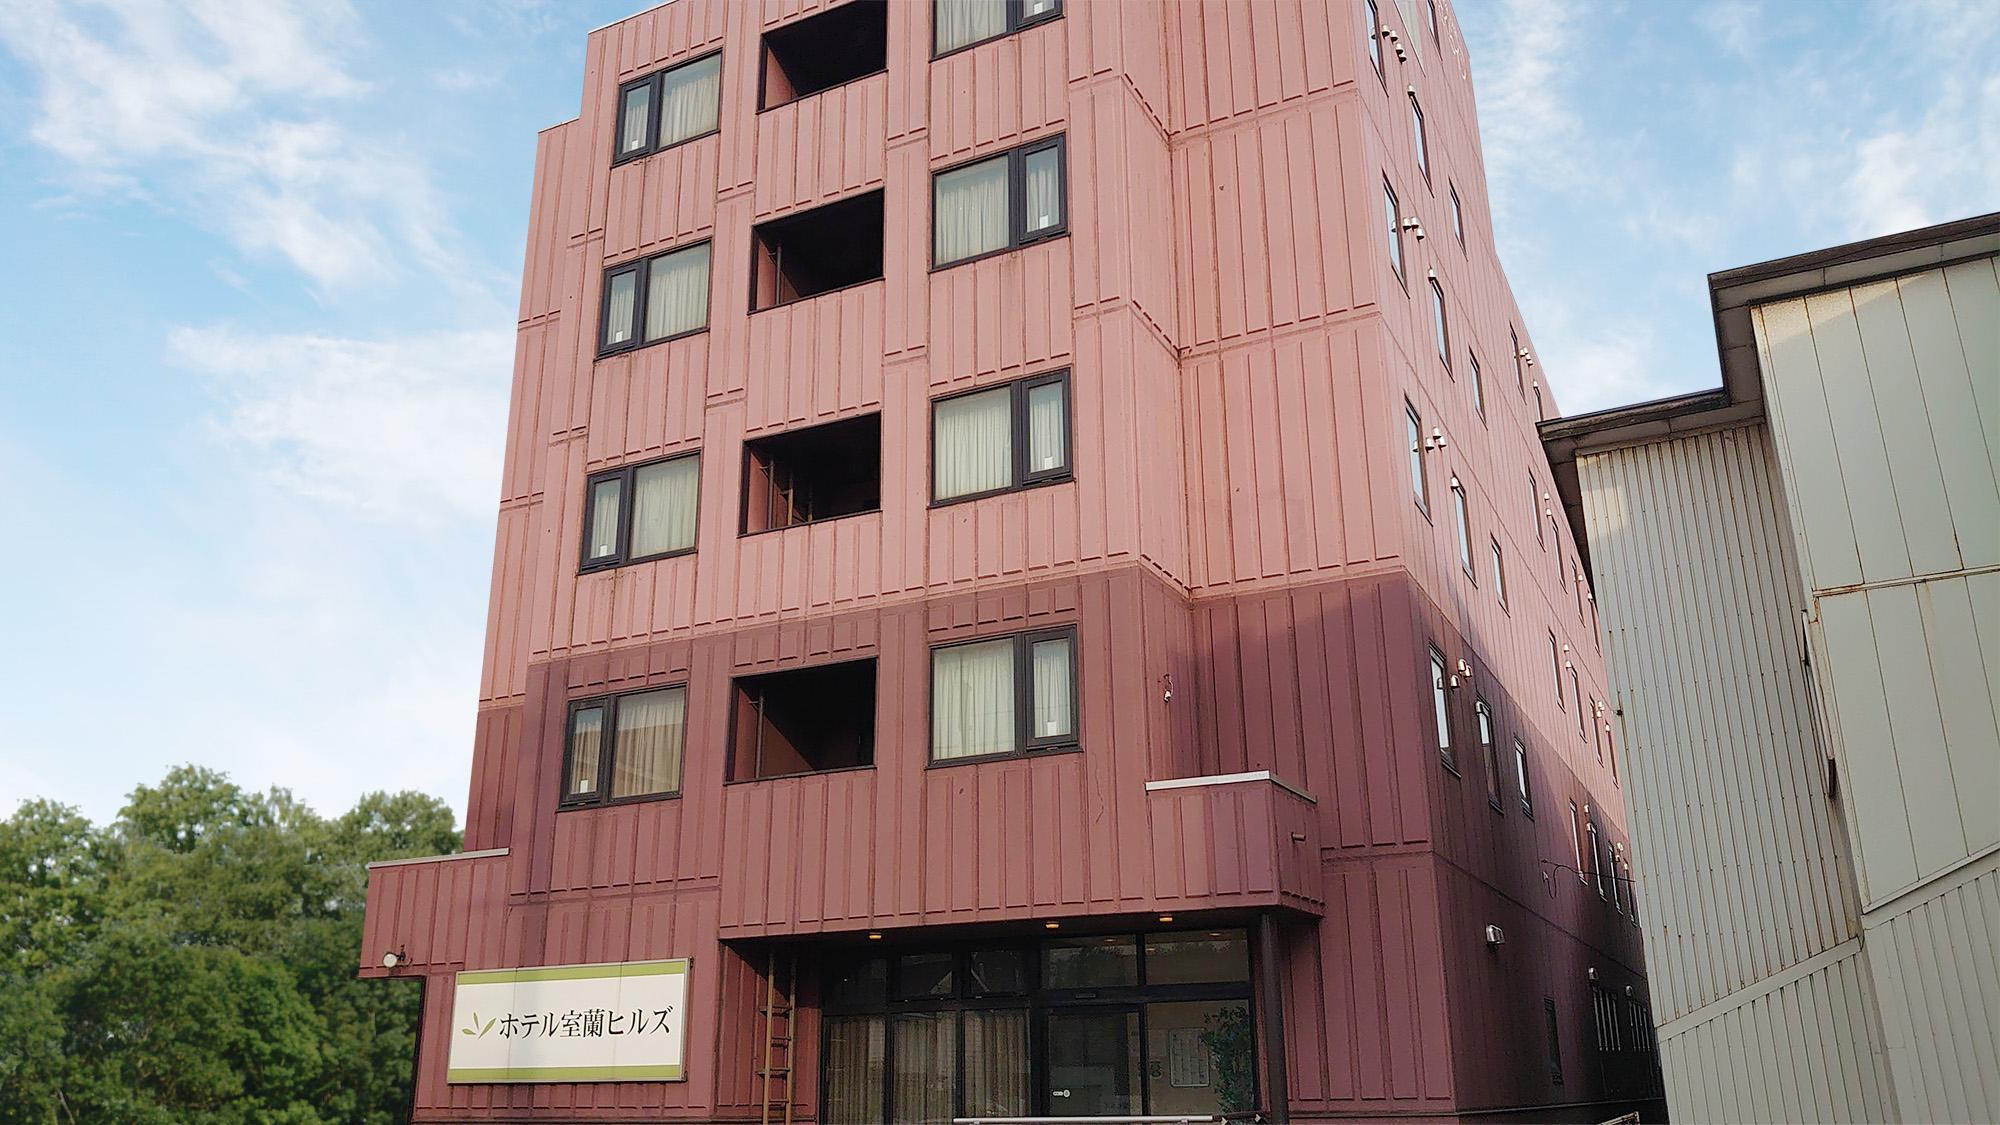 ホテル 室蘭ヒルズ◆楽天トラベル